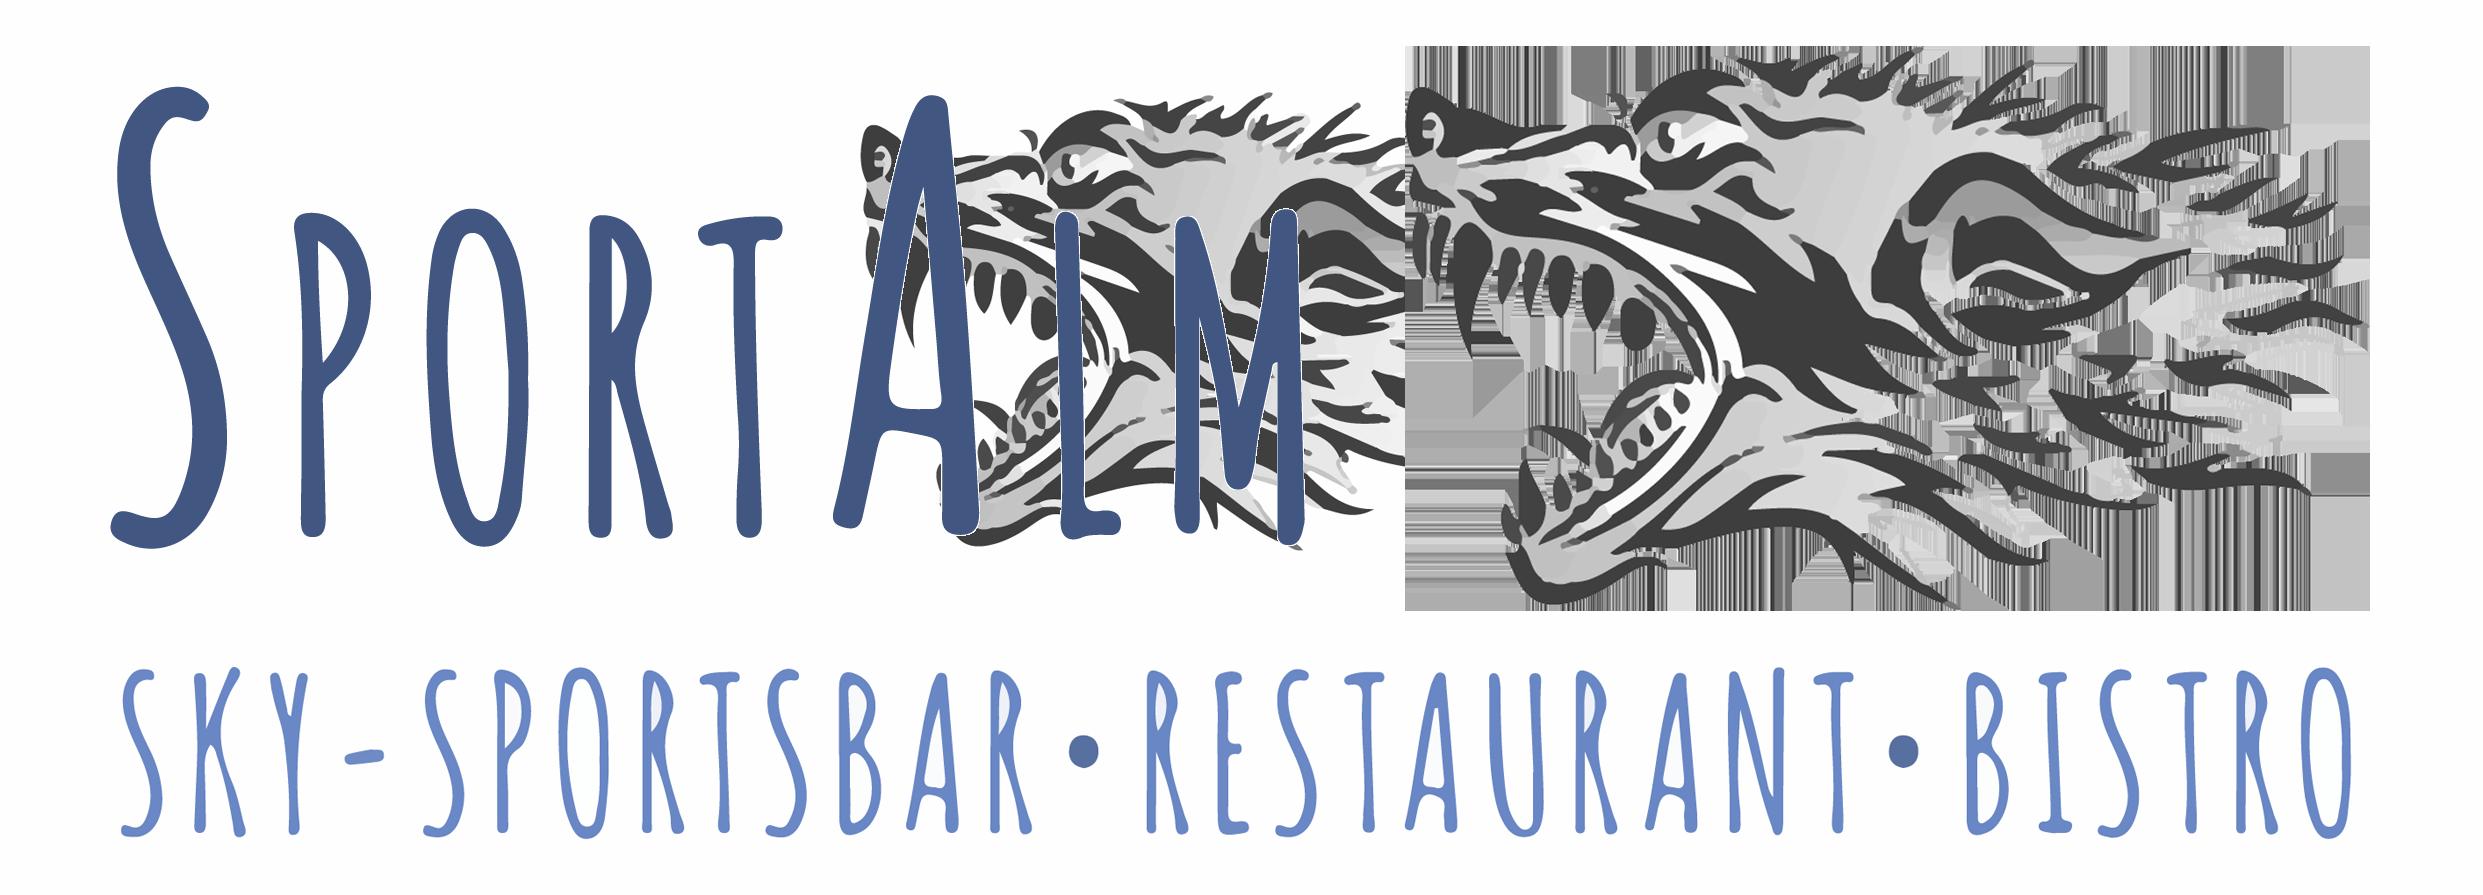 Willkommen im Restaurant Sportalm Bayrischzell